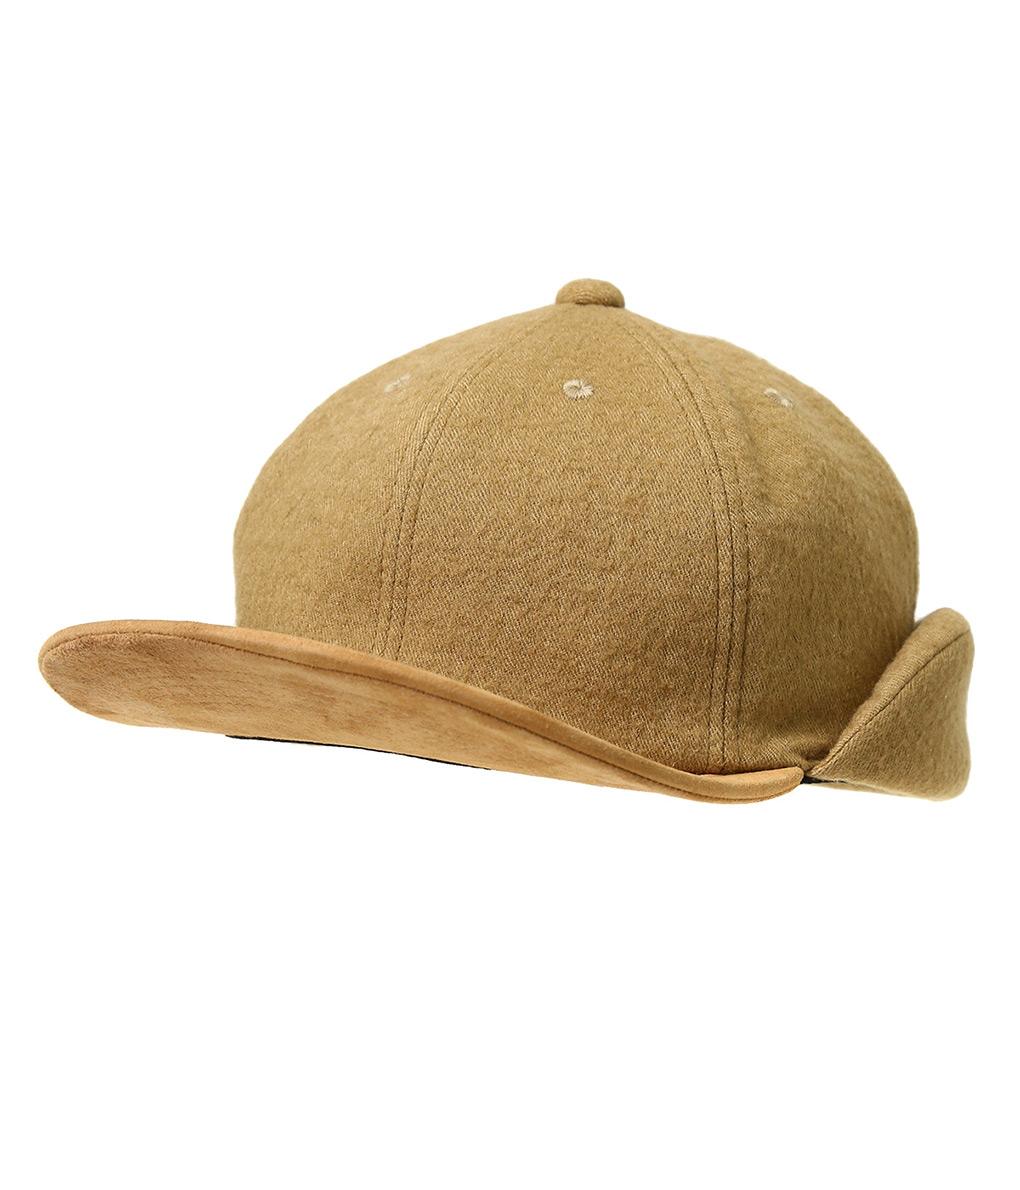 marka / マーカ : CAP MOUNT EARMUFFS : キャップマウントイヤーマフラー cap 帽子 キャップ : M18C-11AC01C 【COR】【WIS】